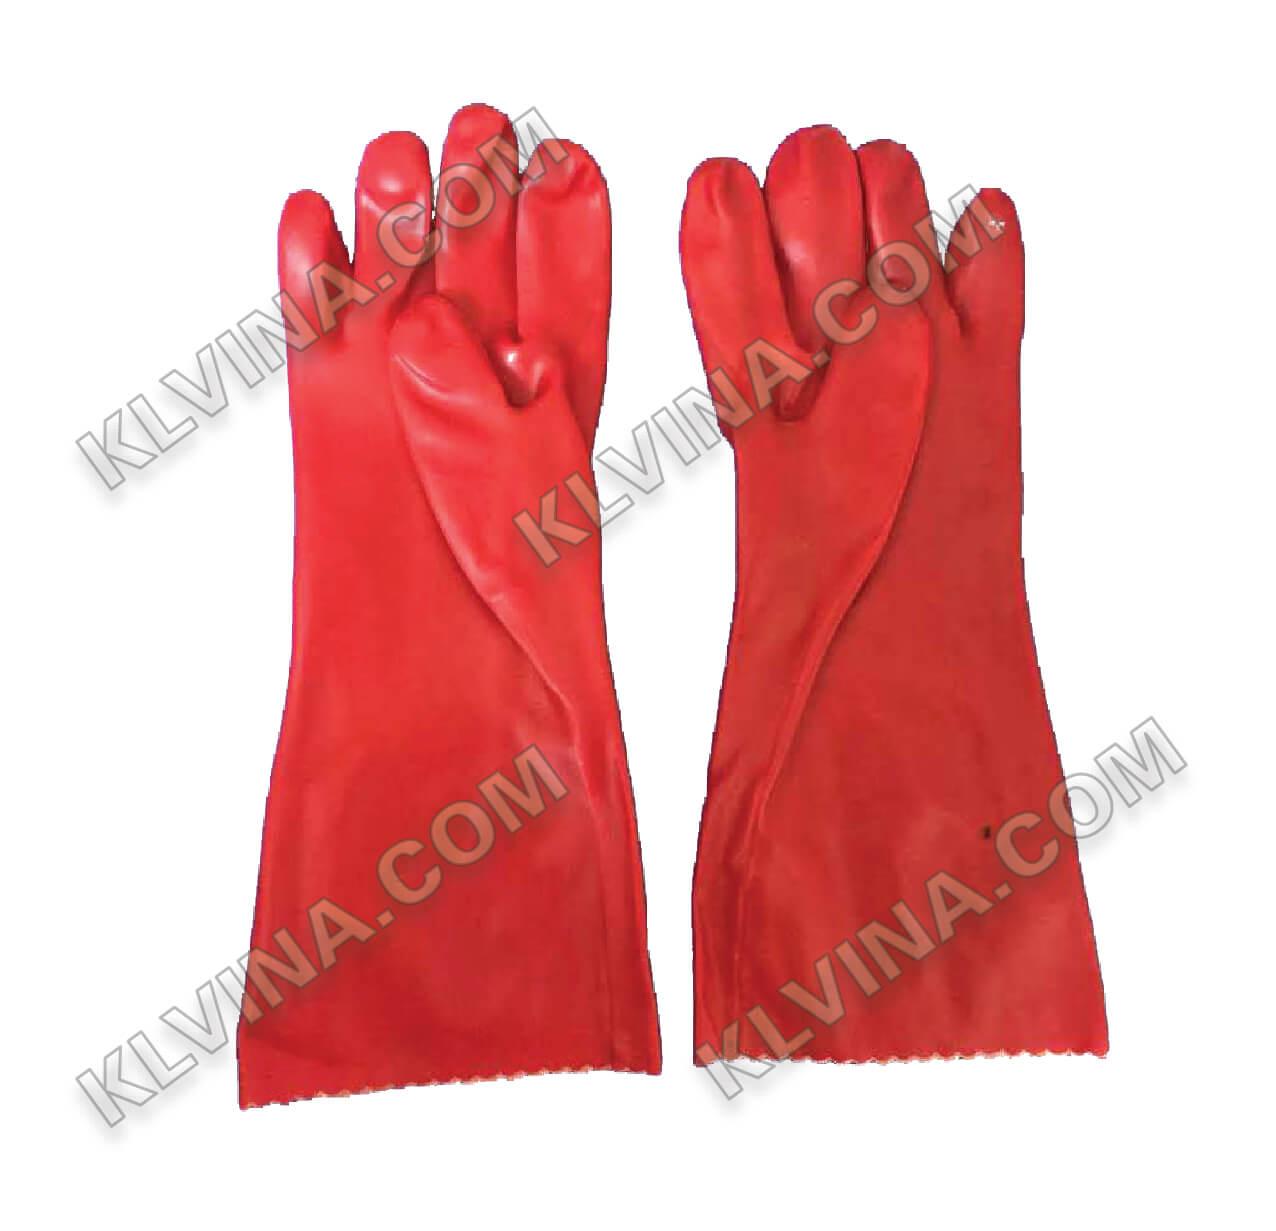 Găng tay chống axit, dầu